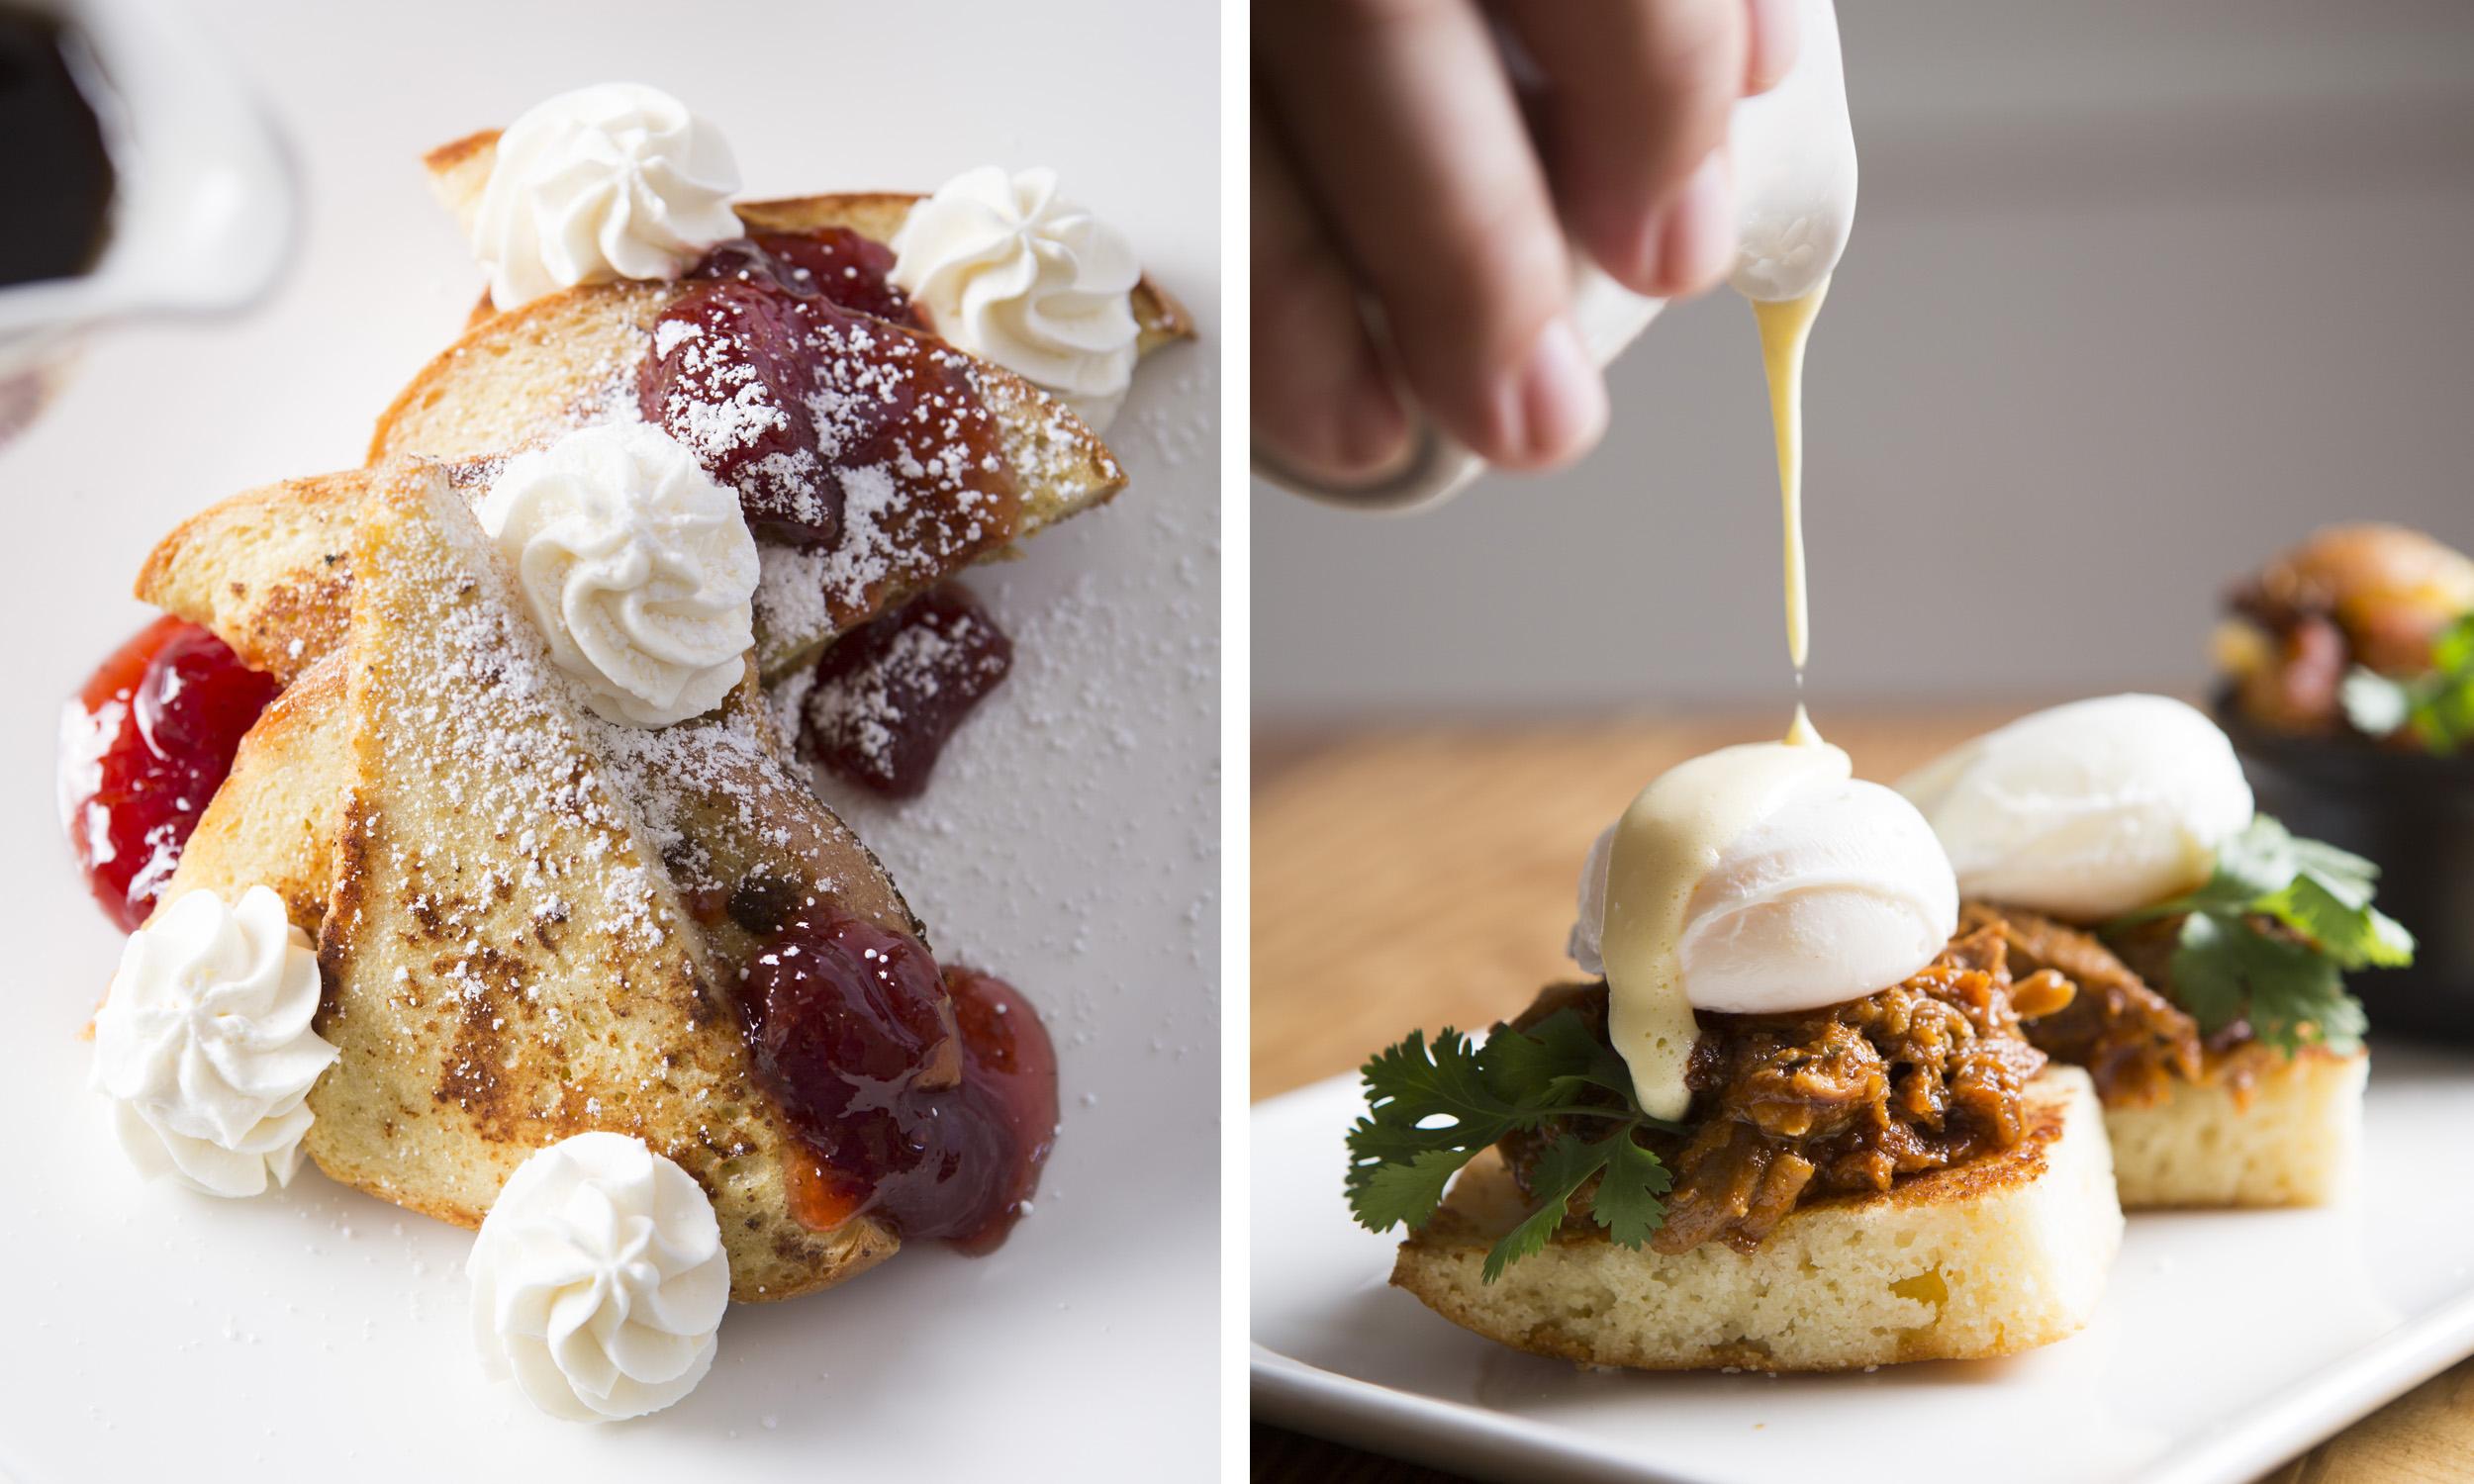 stagecoach-inn-split-breakfast.jpg